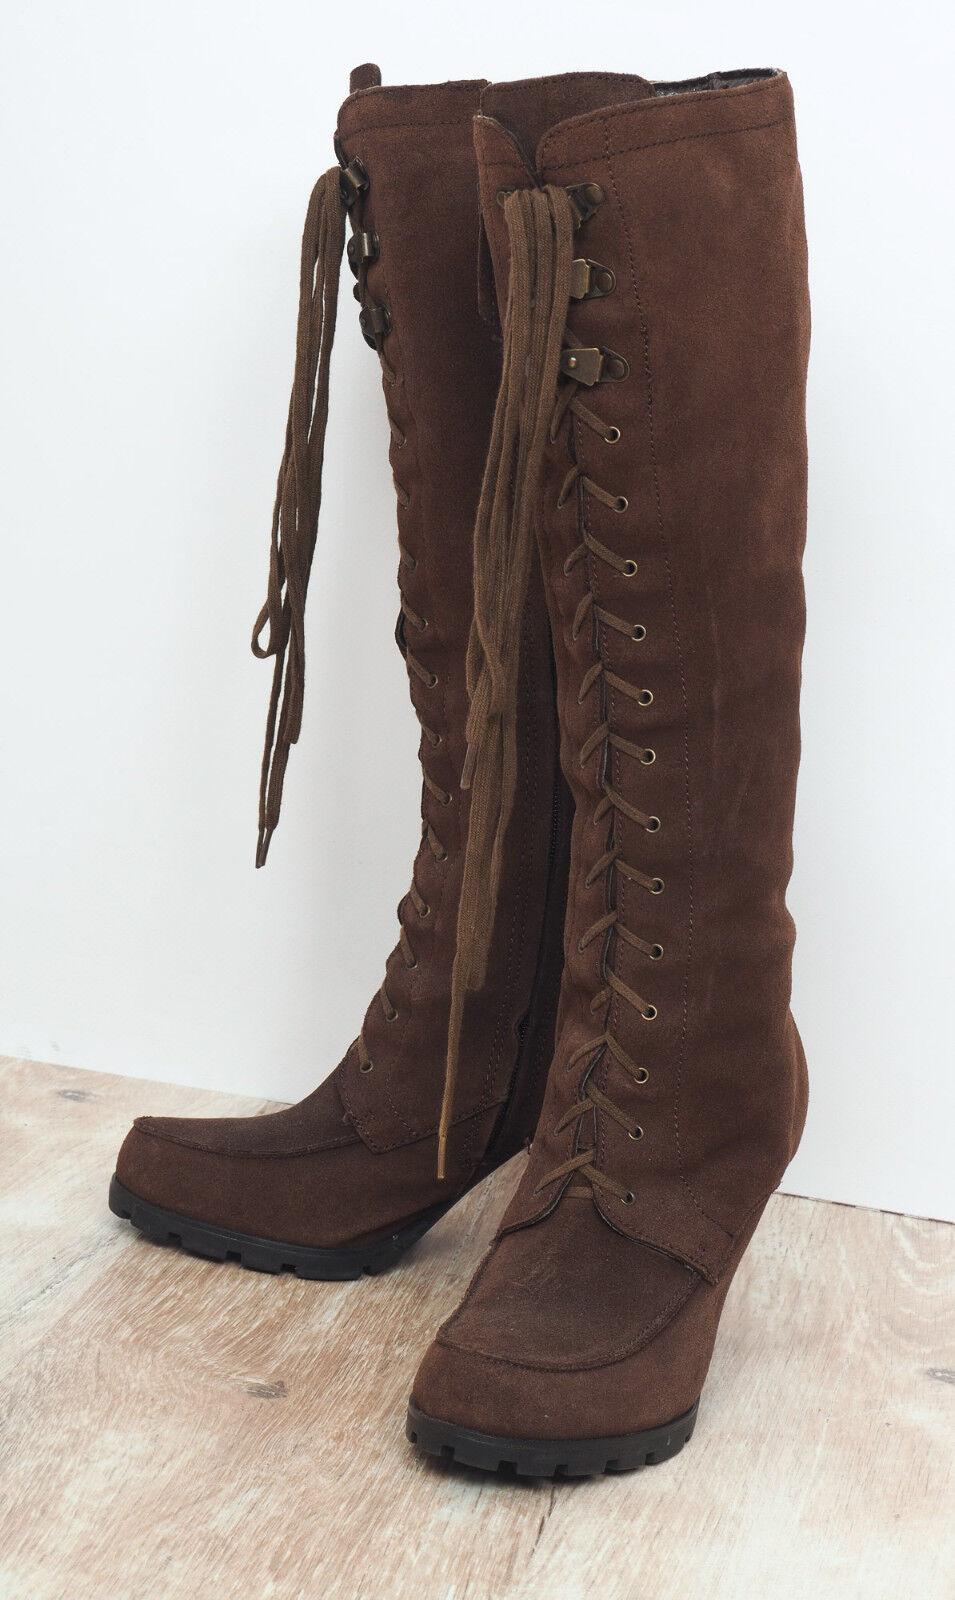 vieni a scegliere il tuo stile sportivo LAUREN by Ralph Lauren Lauren Lauren Donna  Marrone Leather stivali Dimensione EU 37.5    esclusivo